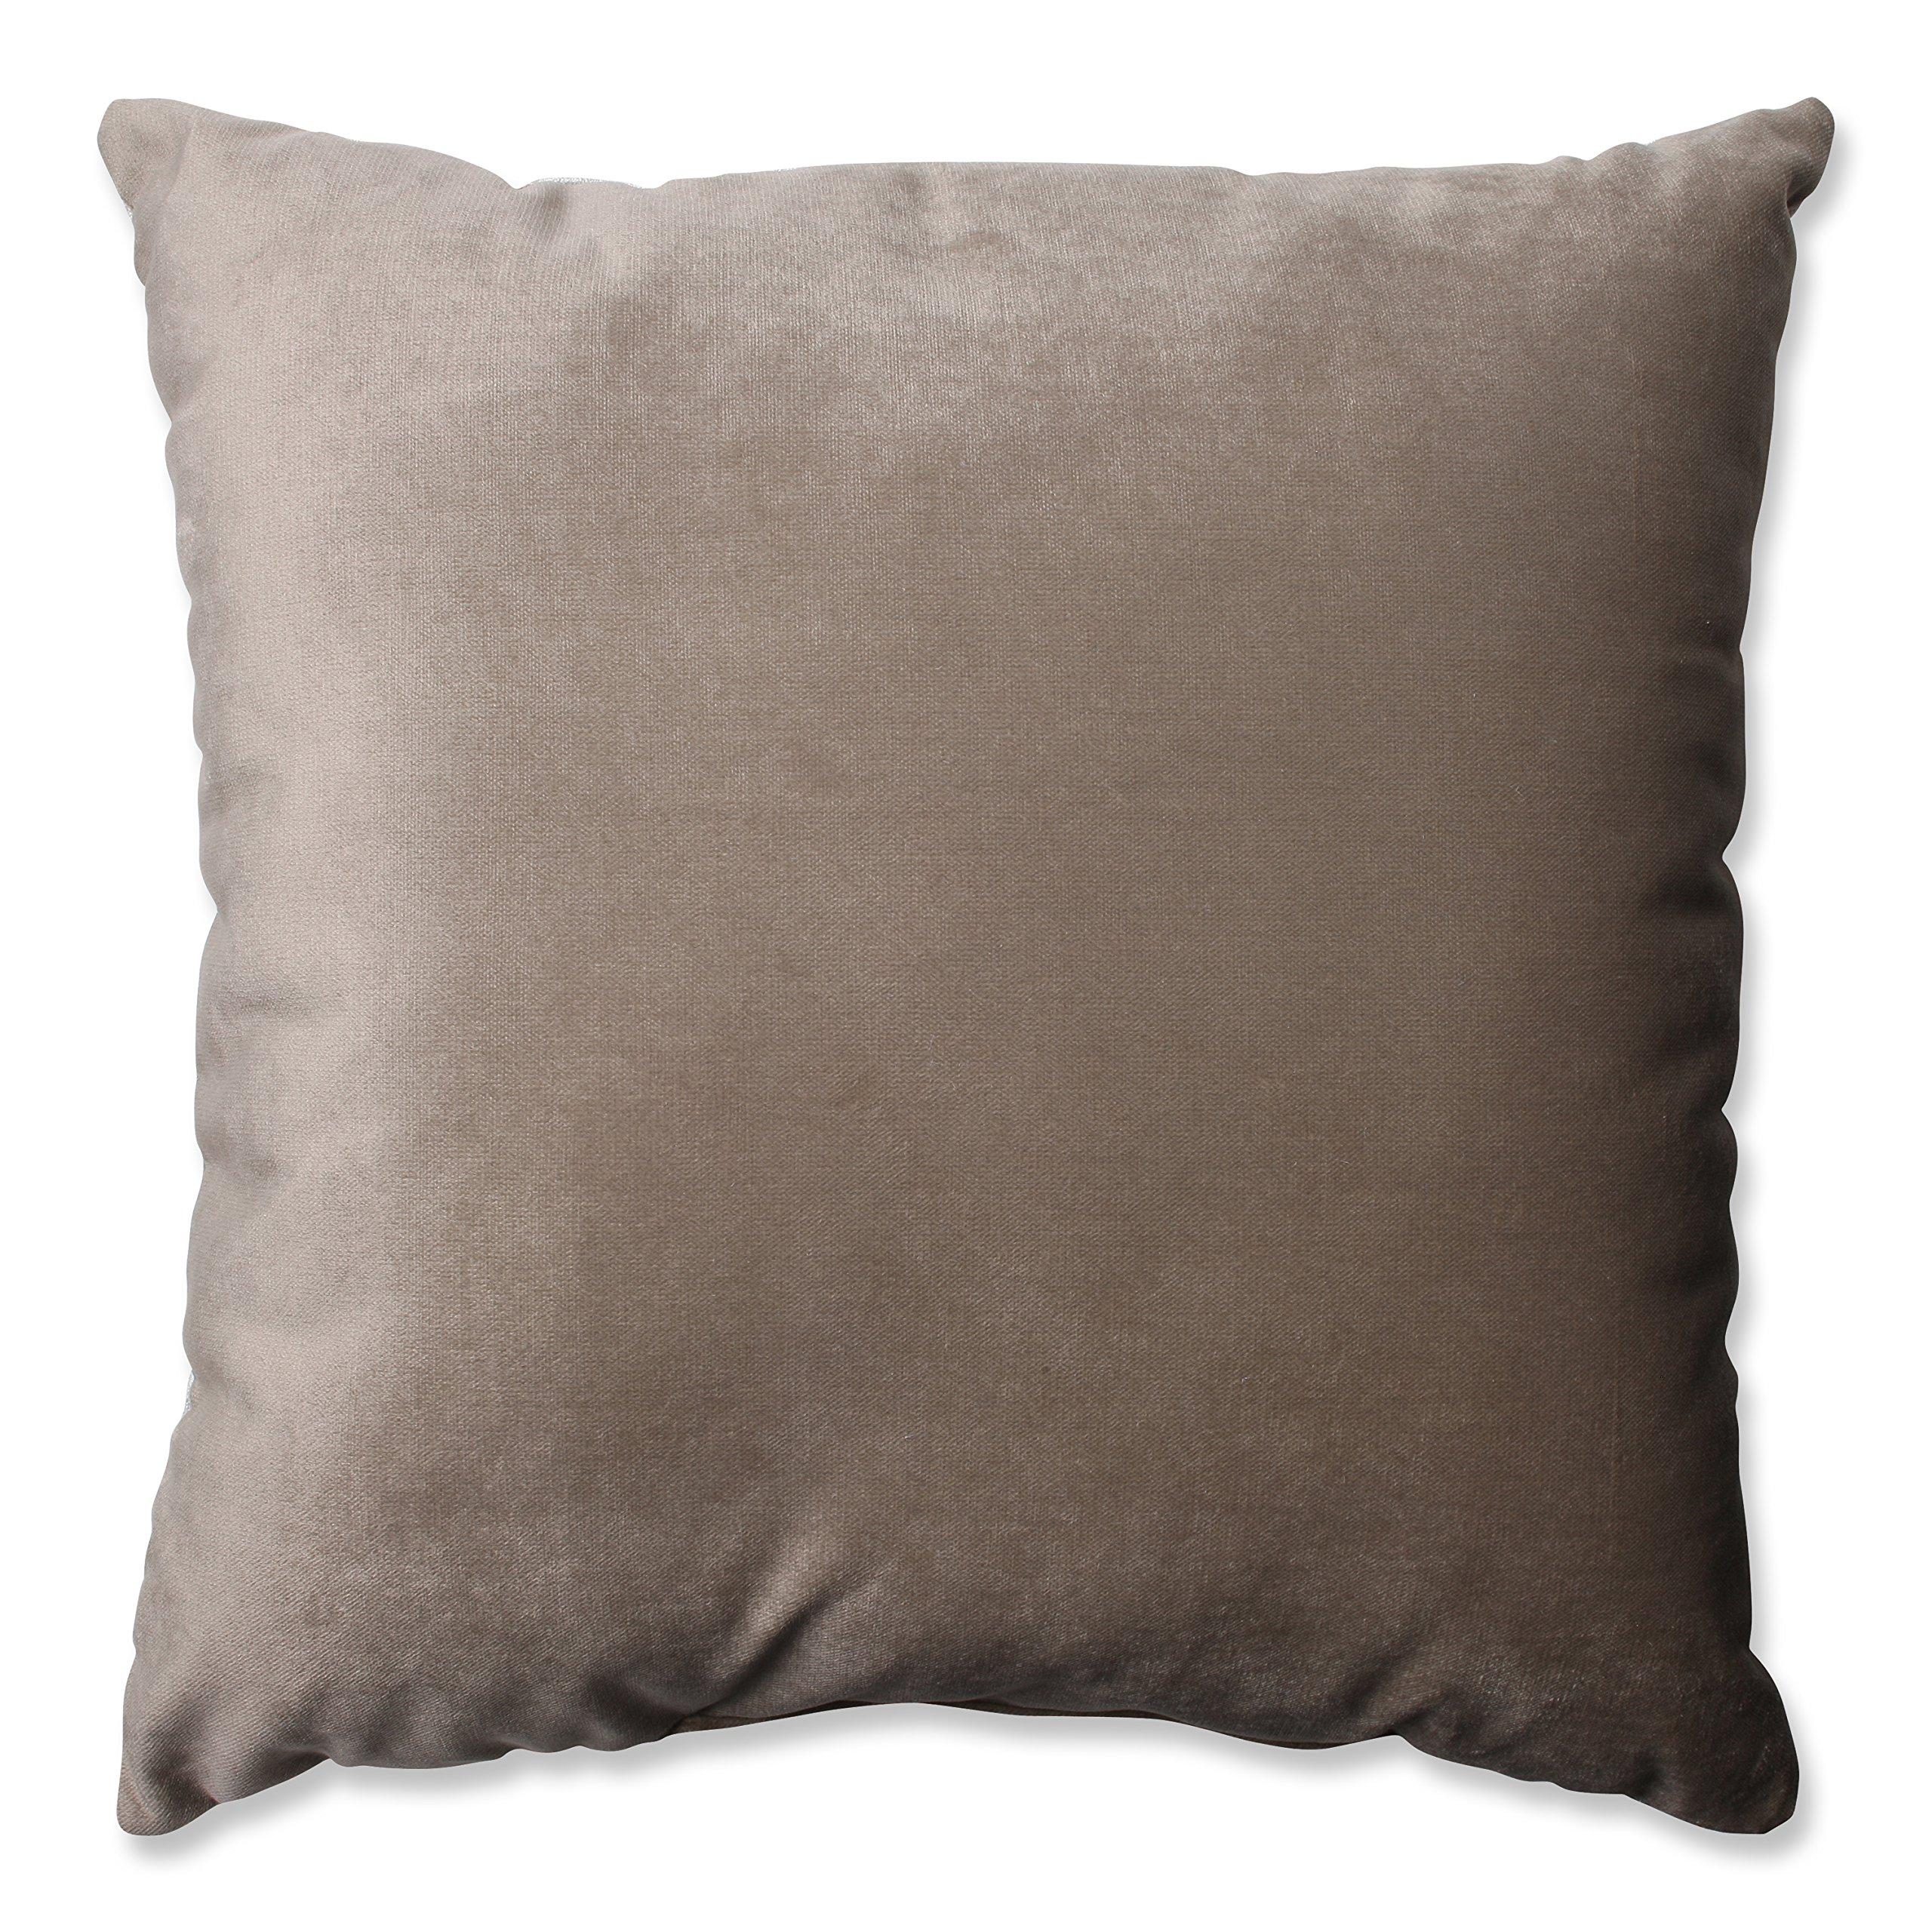 Pillow Perfect Belvedere Driftwood Knit Velvet Throw Pillow, 16.5-Inch